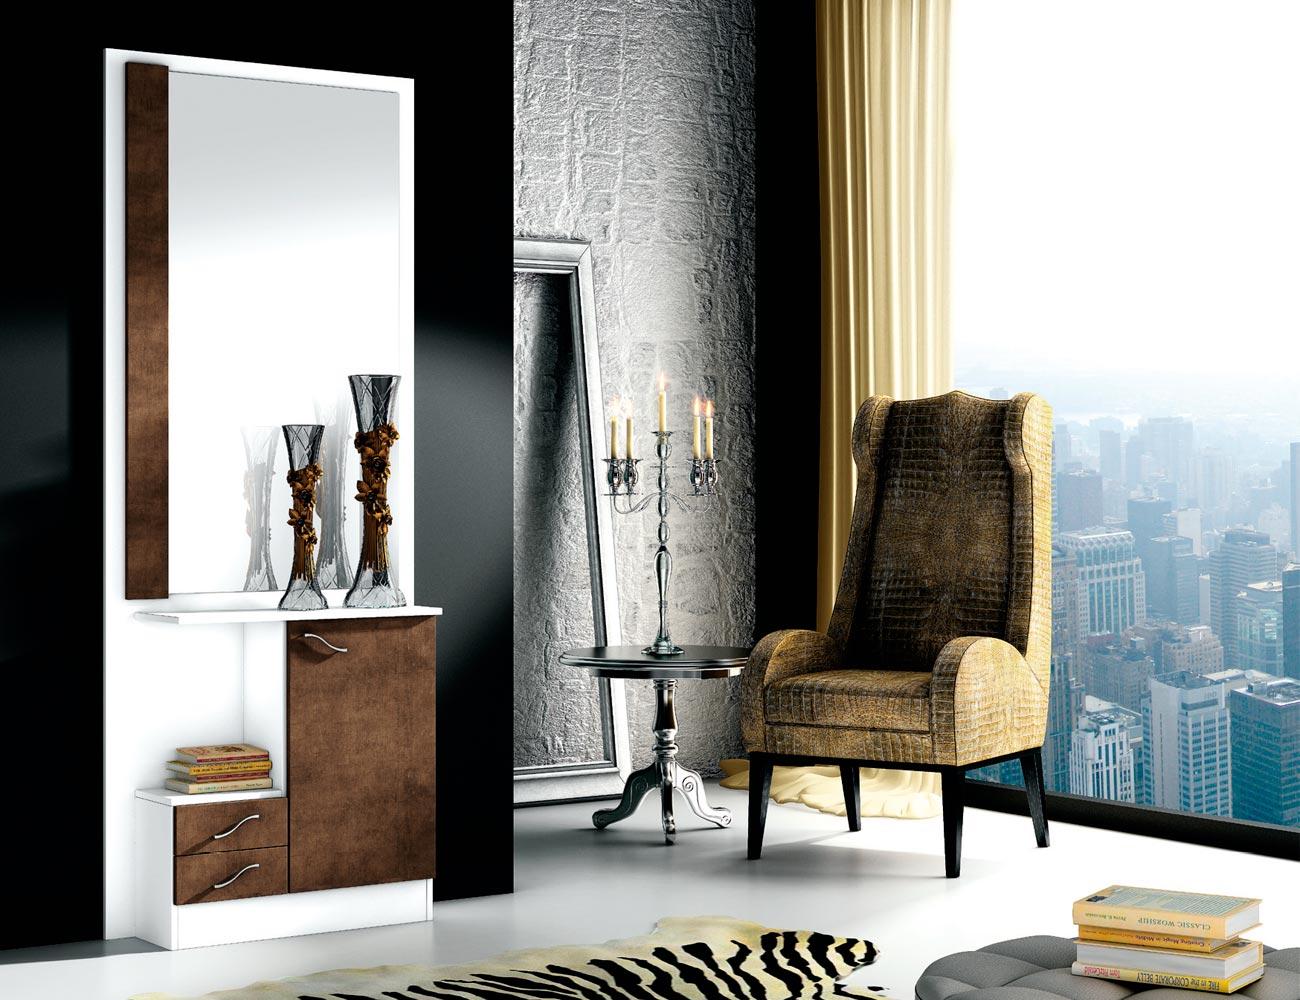 Recibidor con mural espejo 2 cajones blanco wengue 150